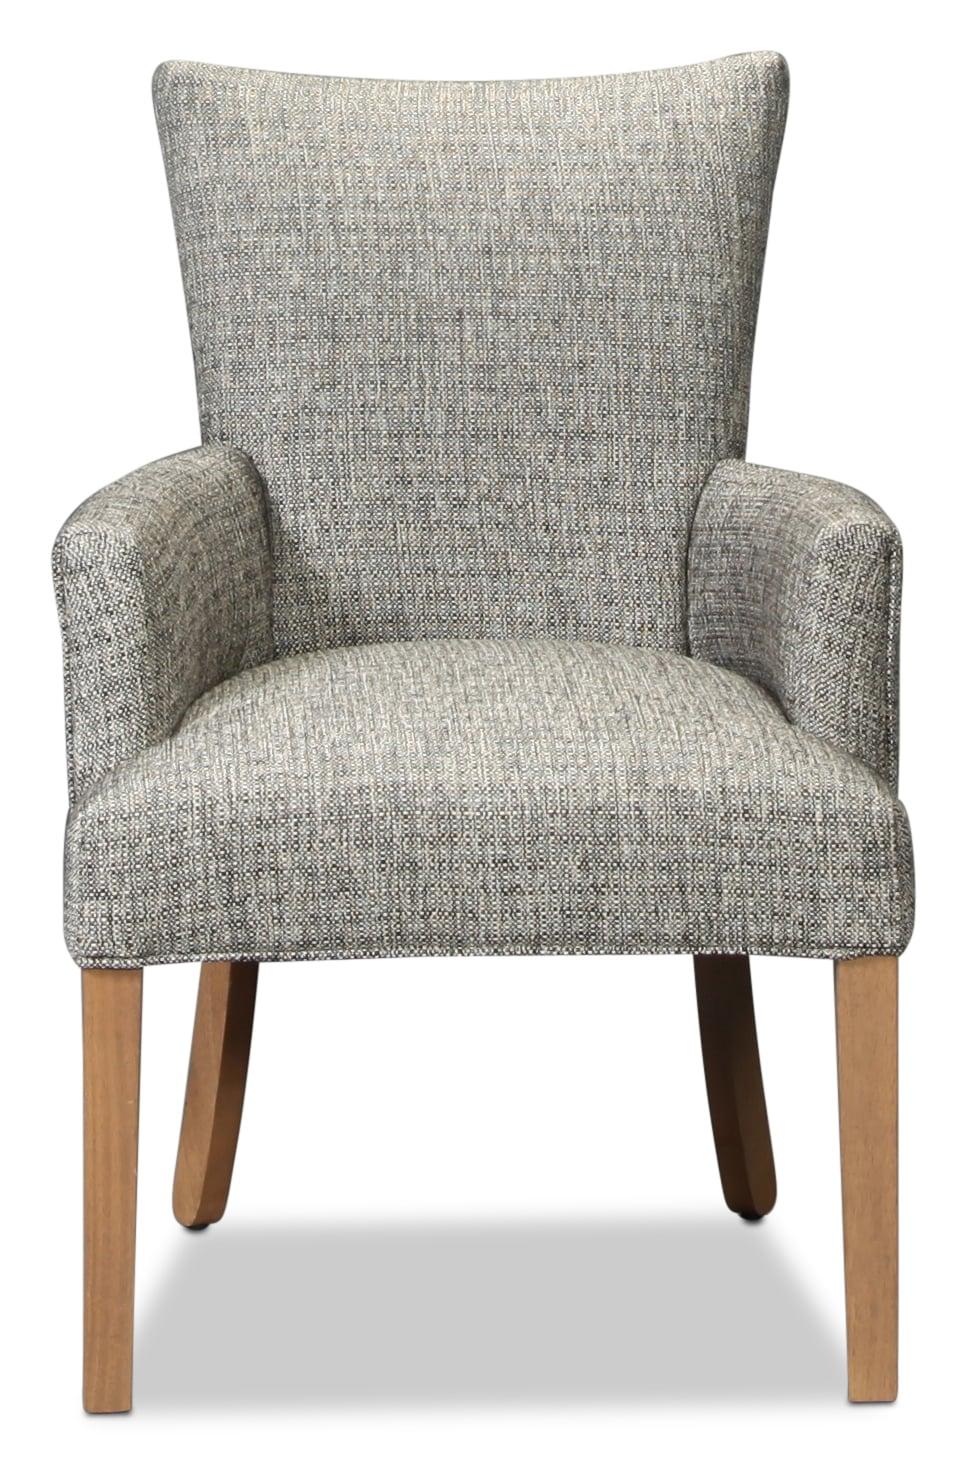 Colim Parson Arm Chair - Ash Gray